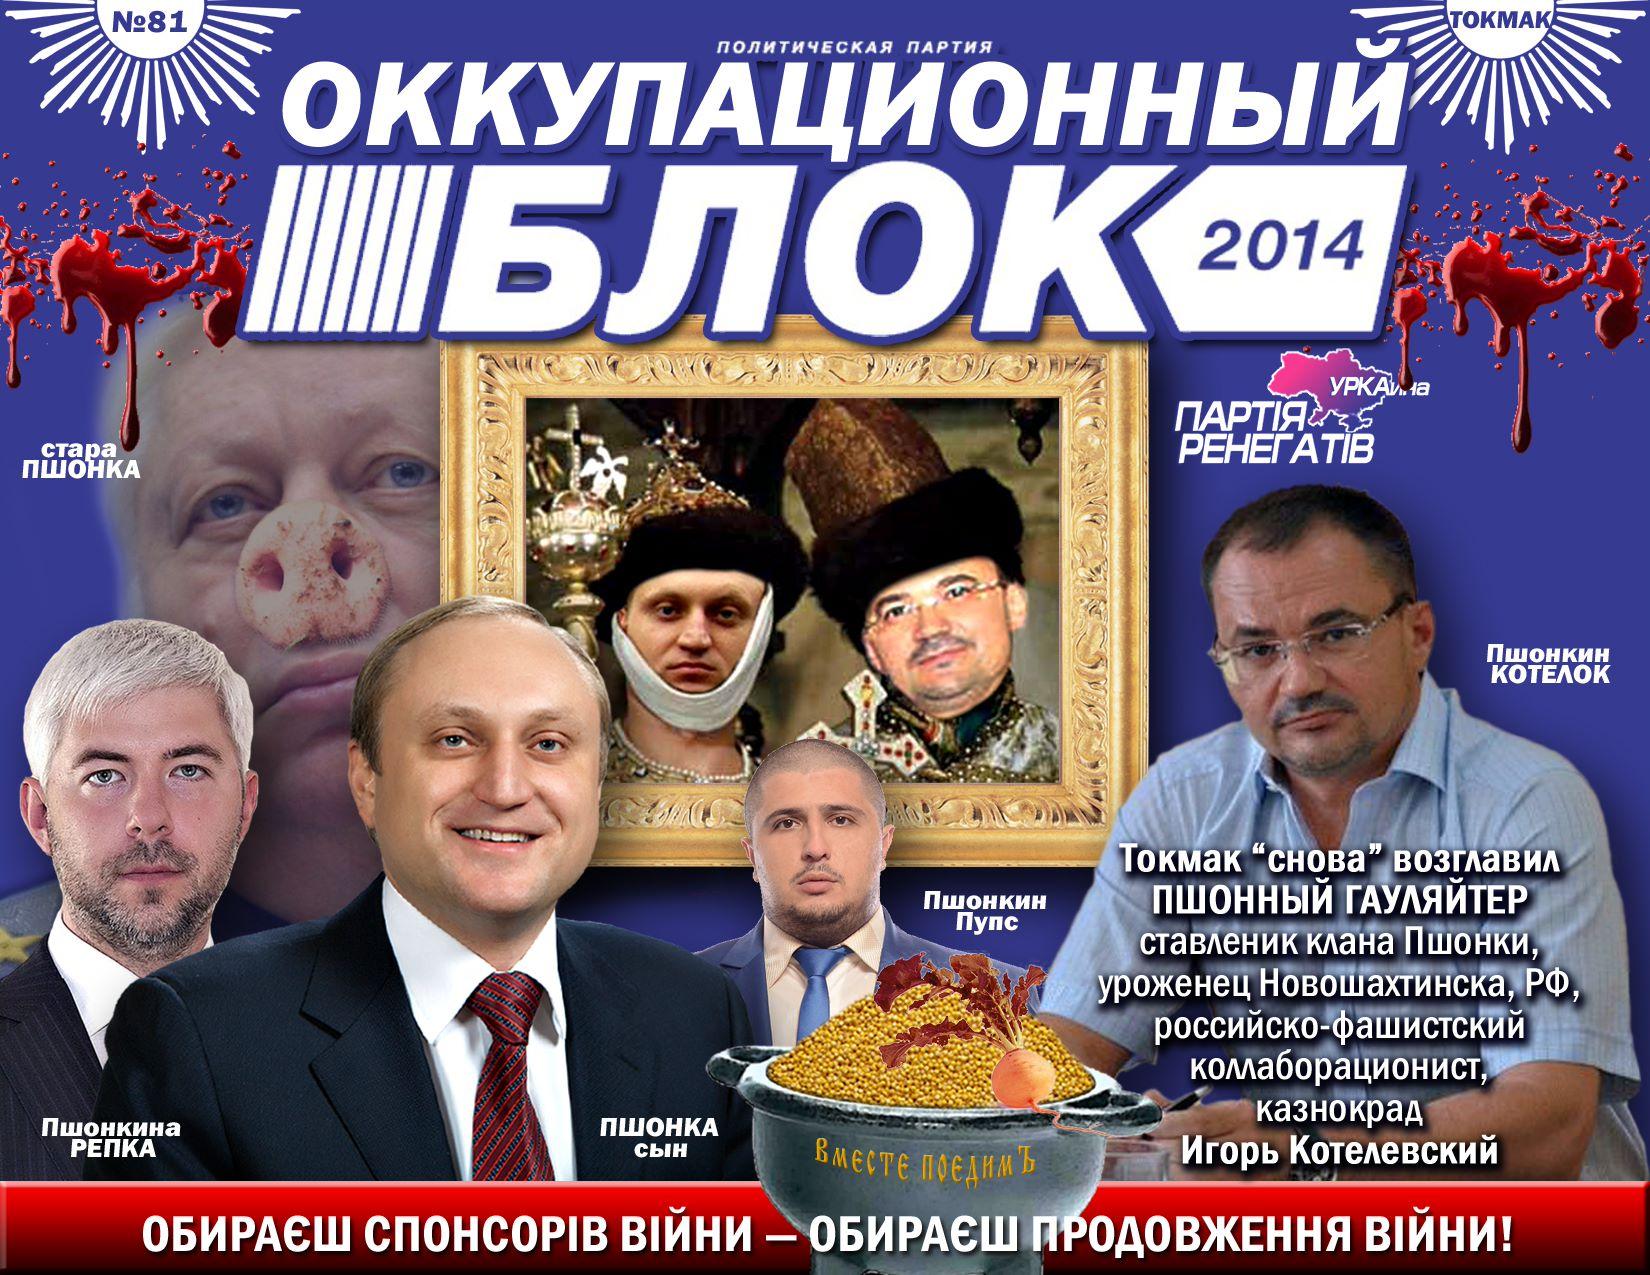 Оккупационный Блок 2015